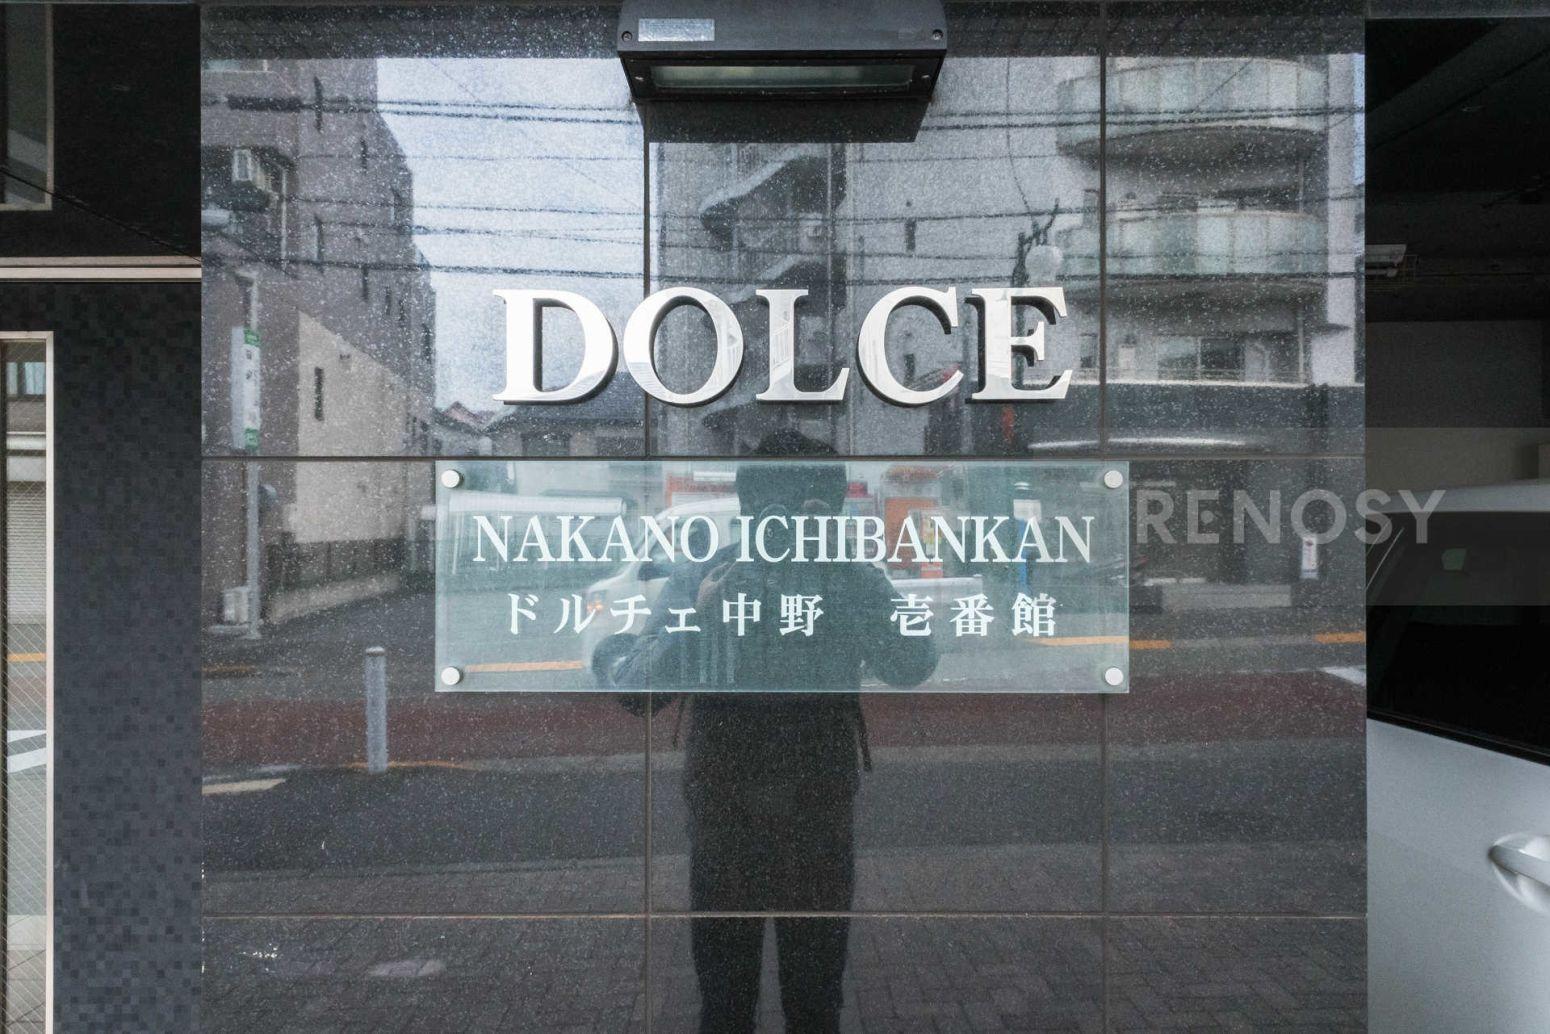 ドルチェ中野壱番館